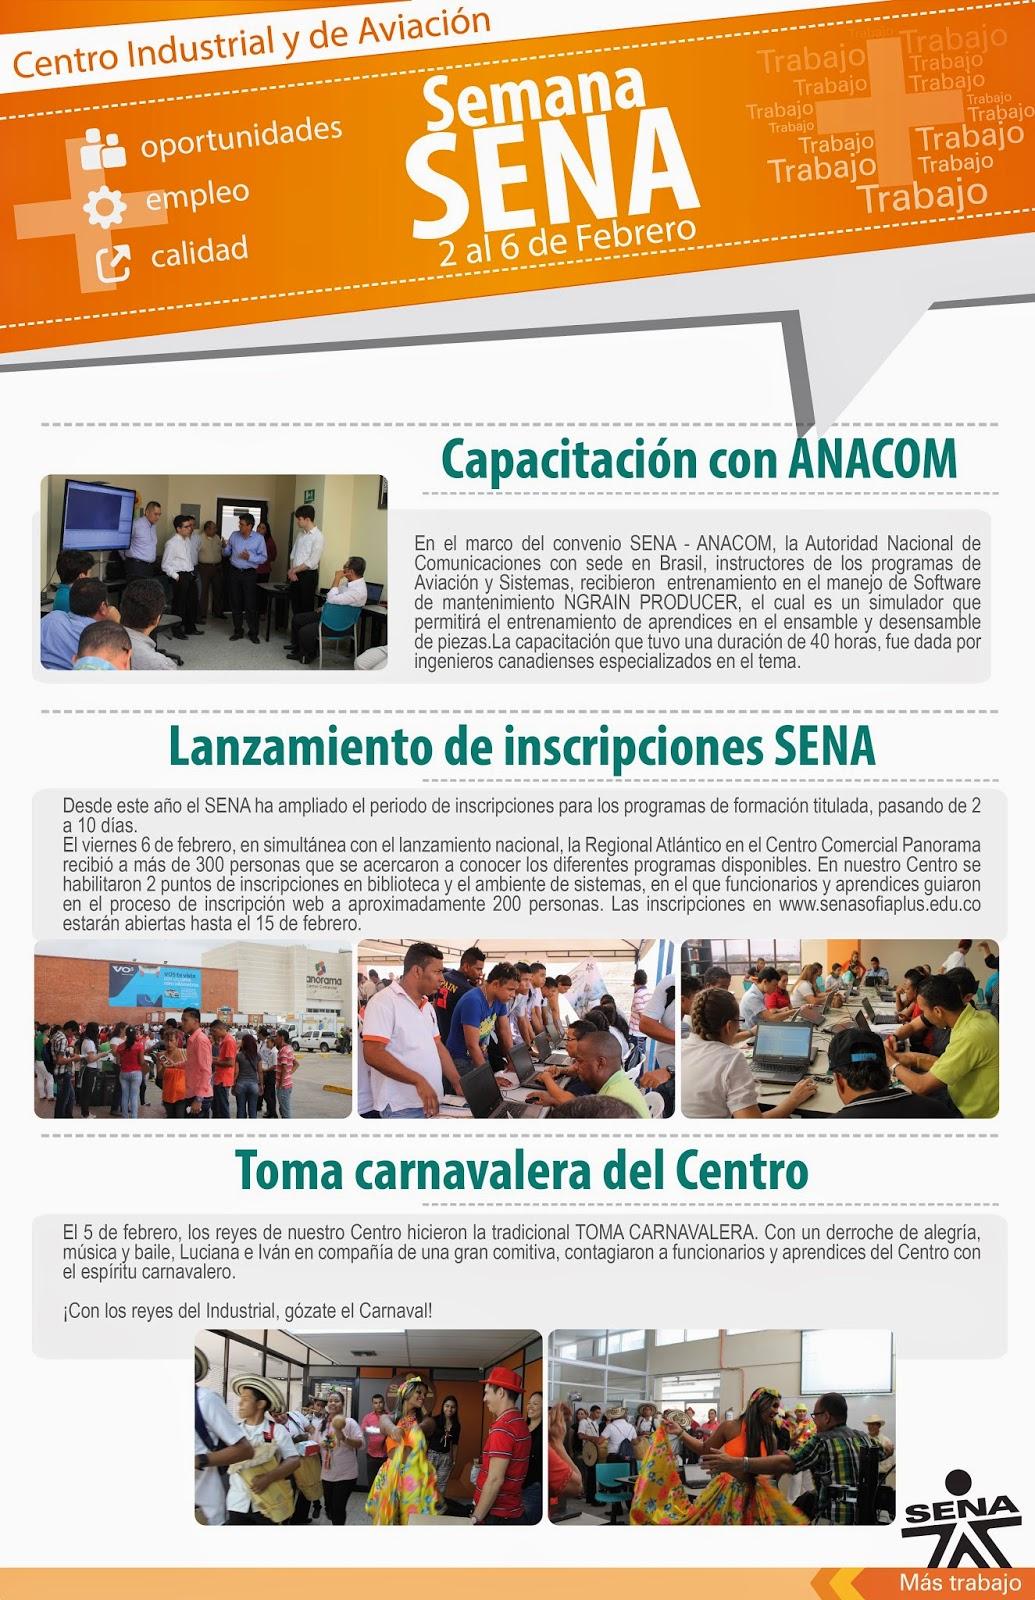 http://industrialyaviacionatlco.blogspot.com/2015/01/programas-disponibles-en-el-centro_30.html